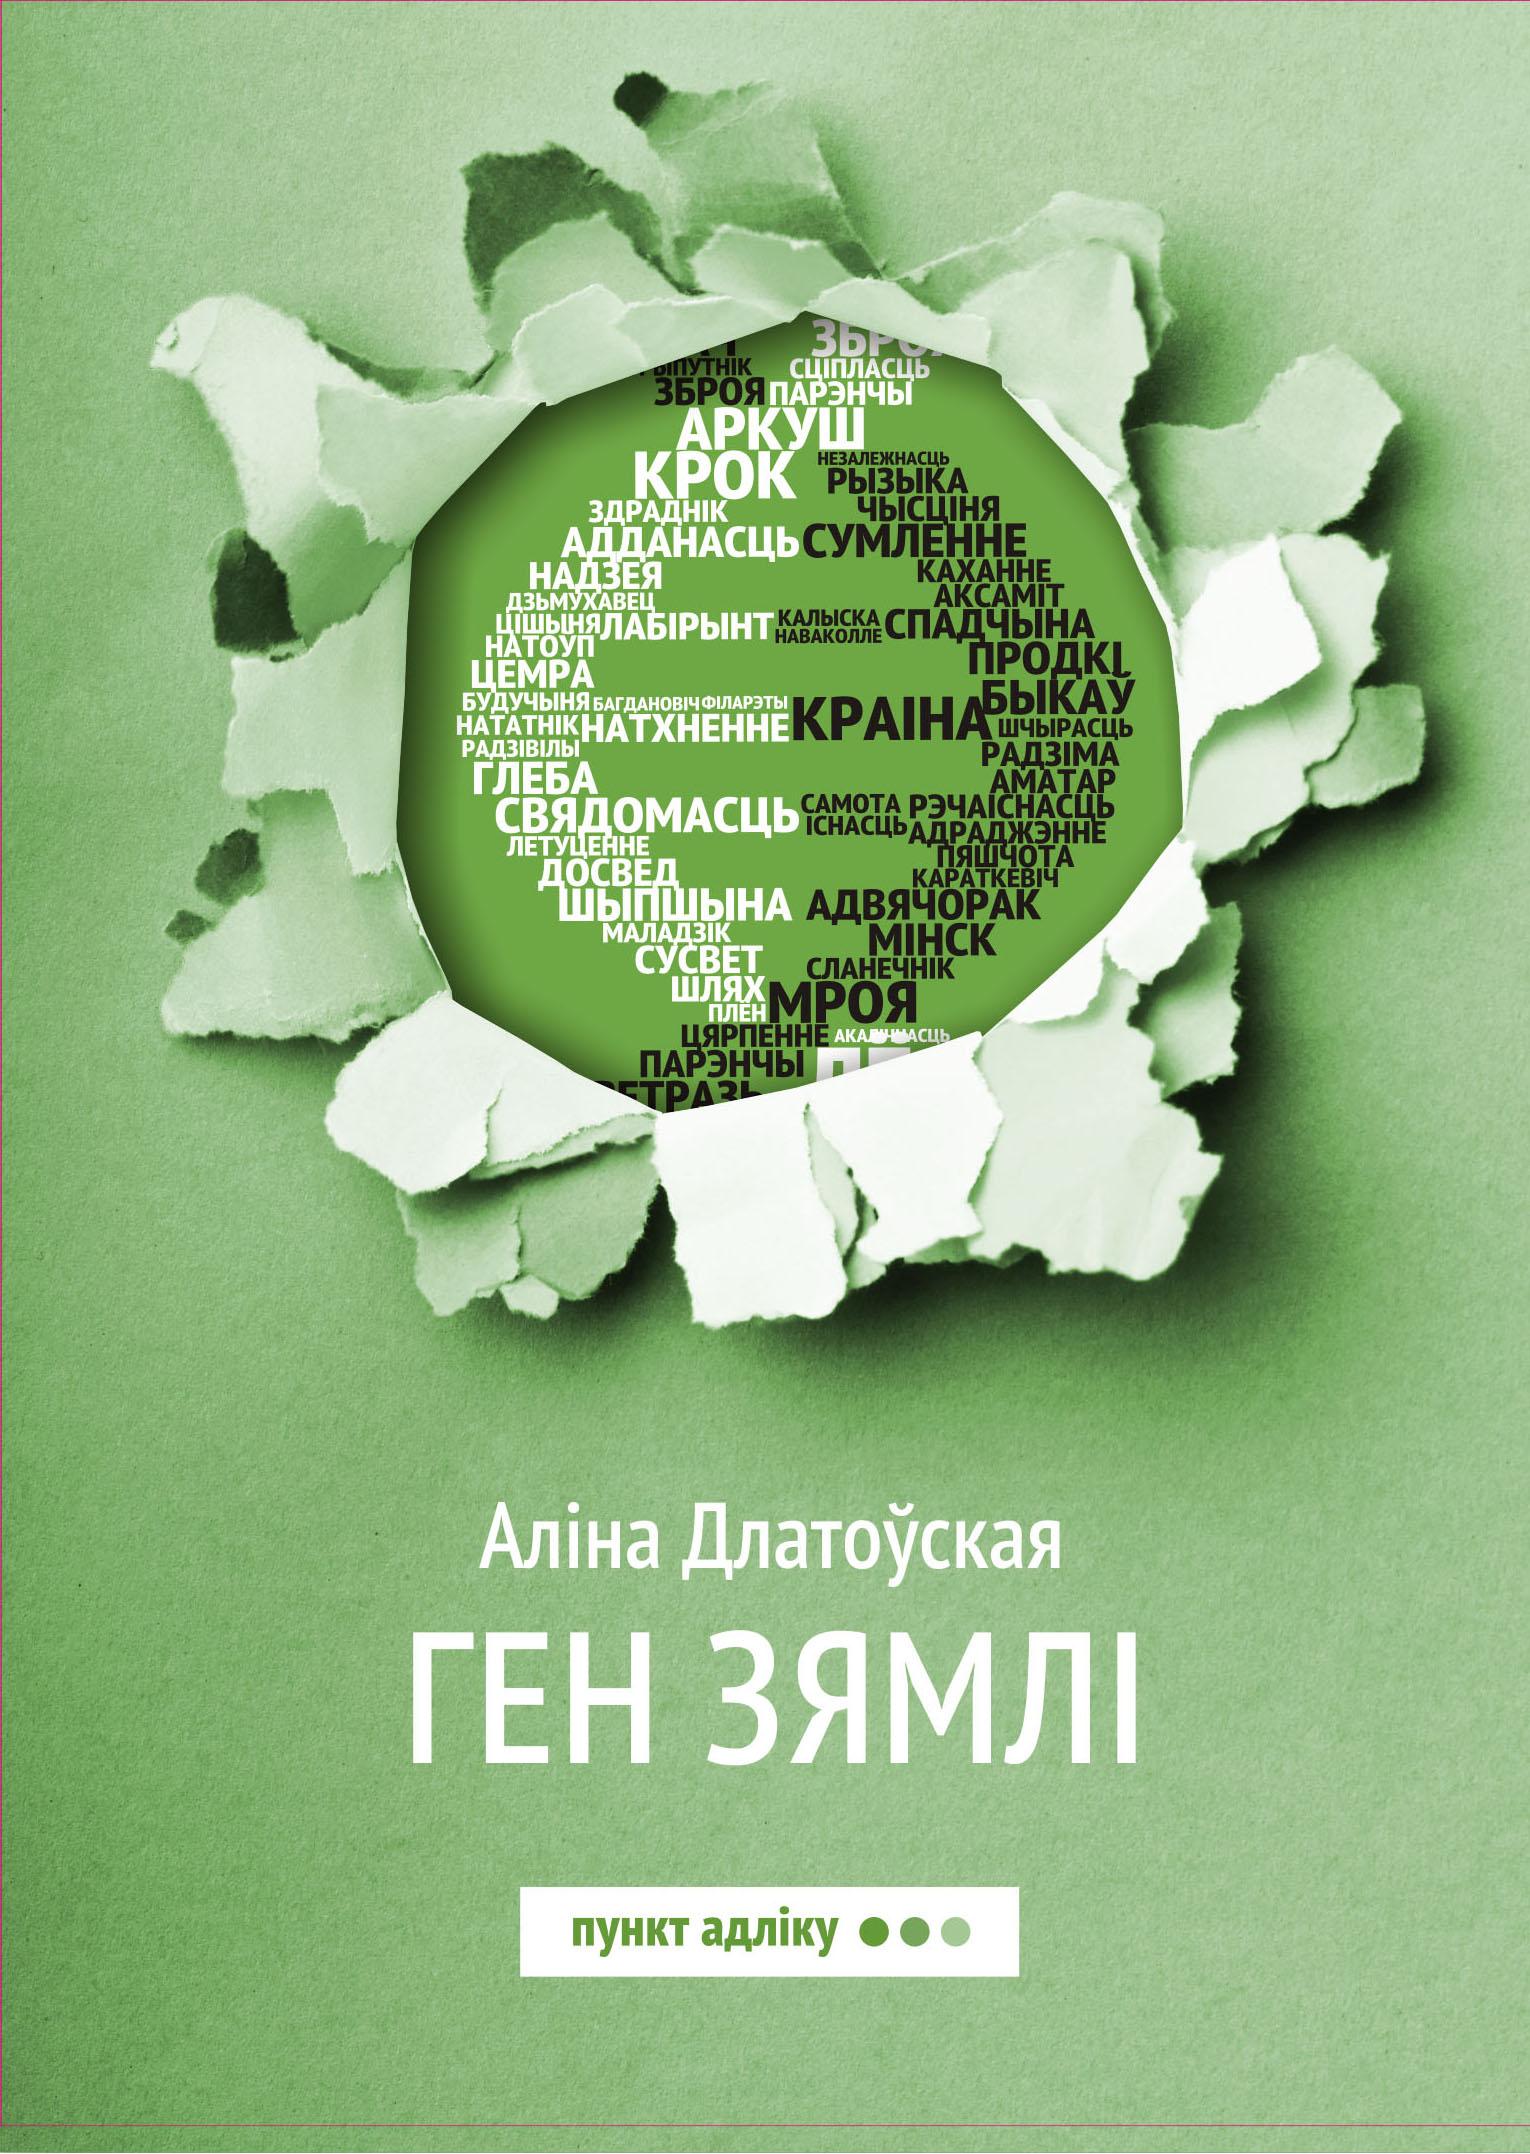 Аліна Длатоўская. Ген зямлі: Аповесць